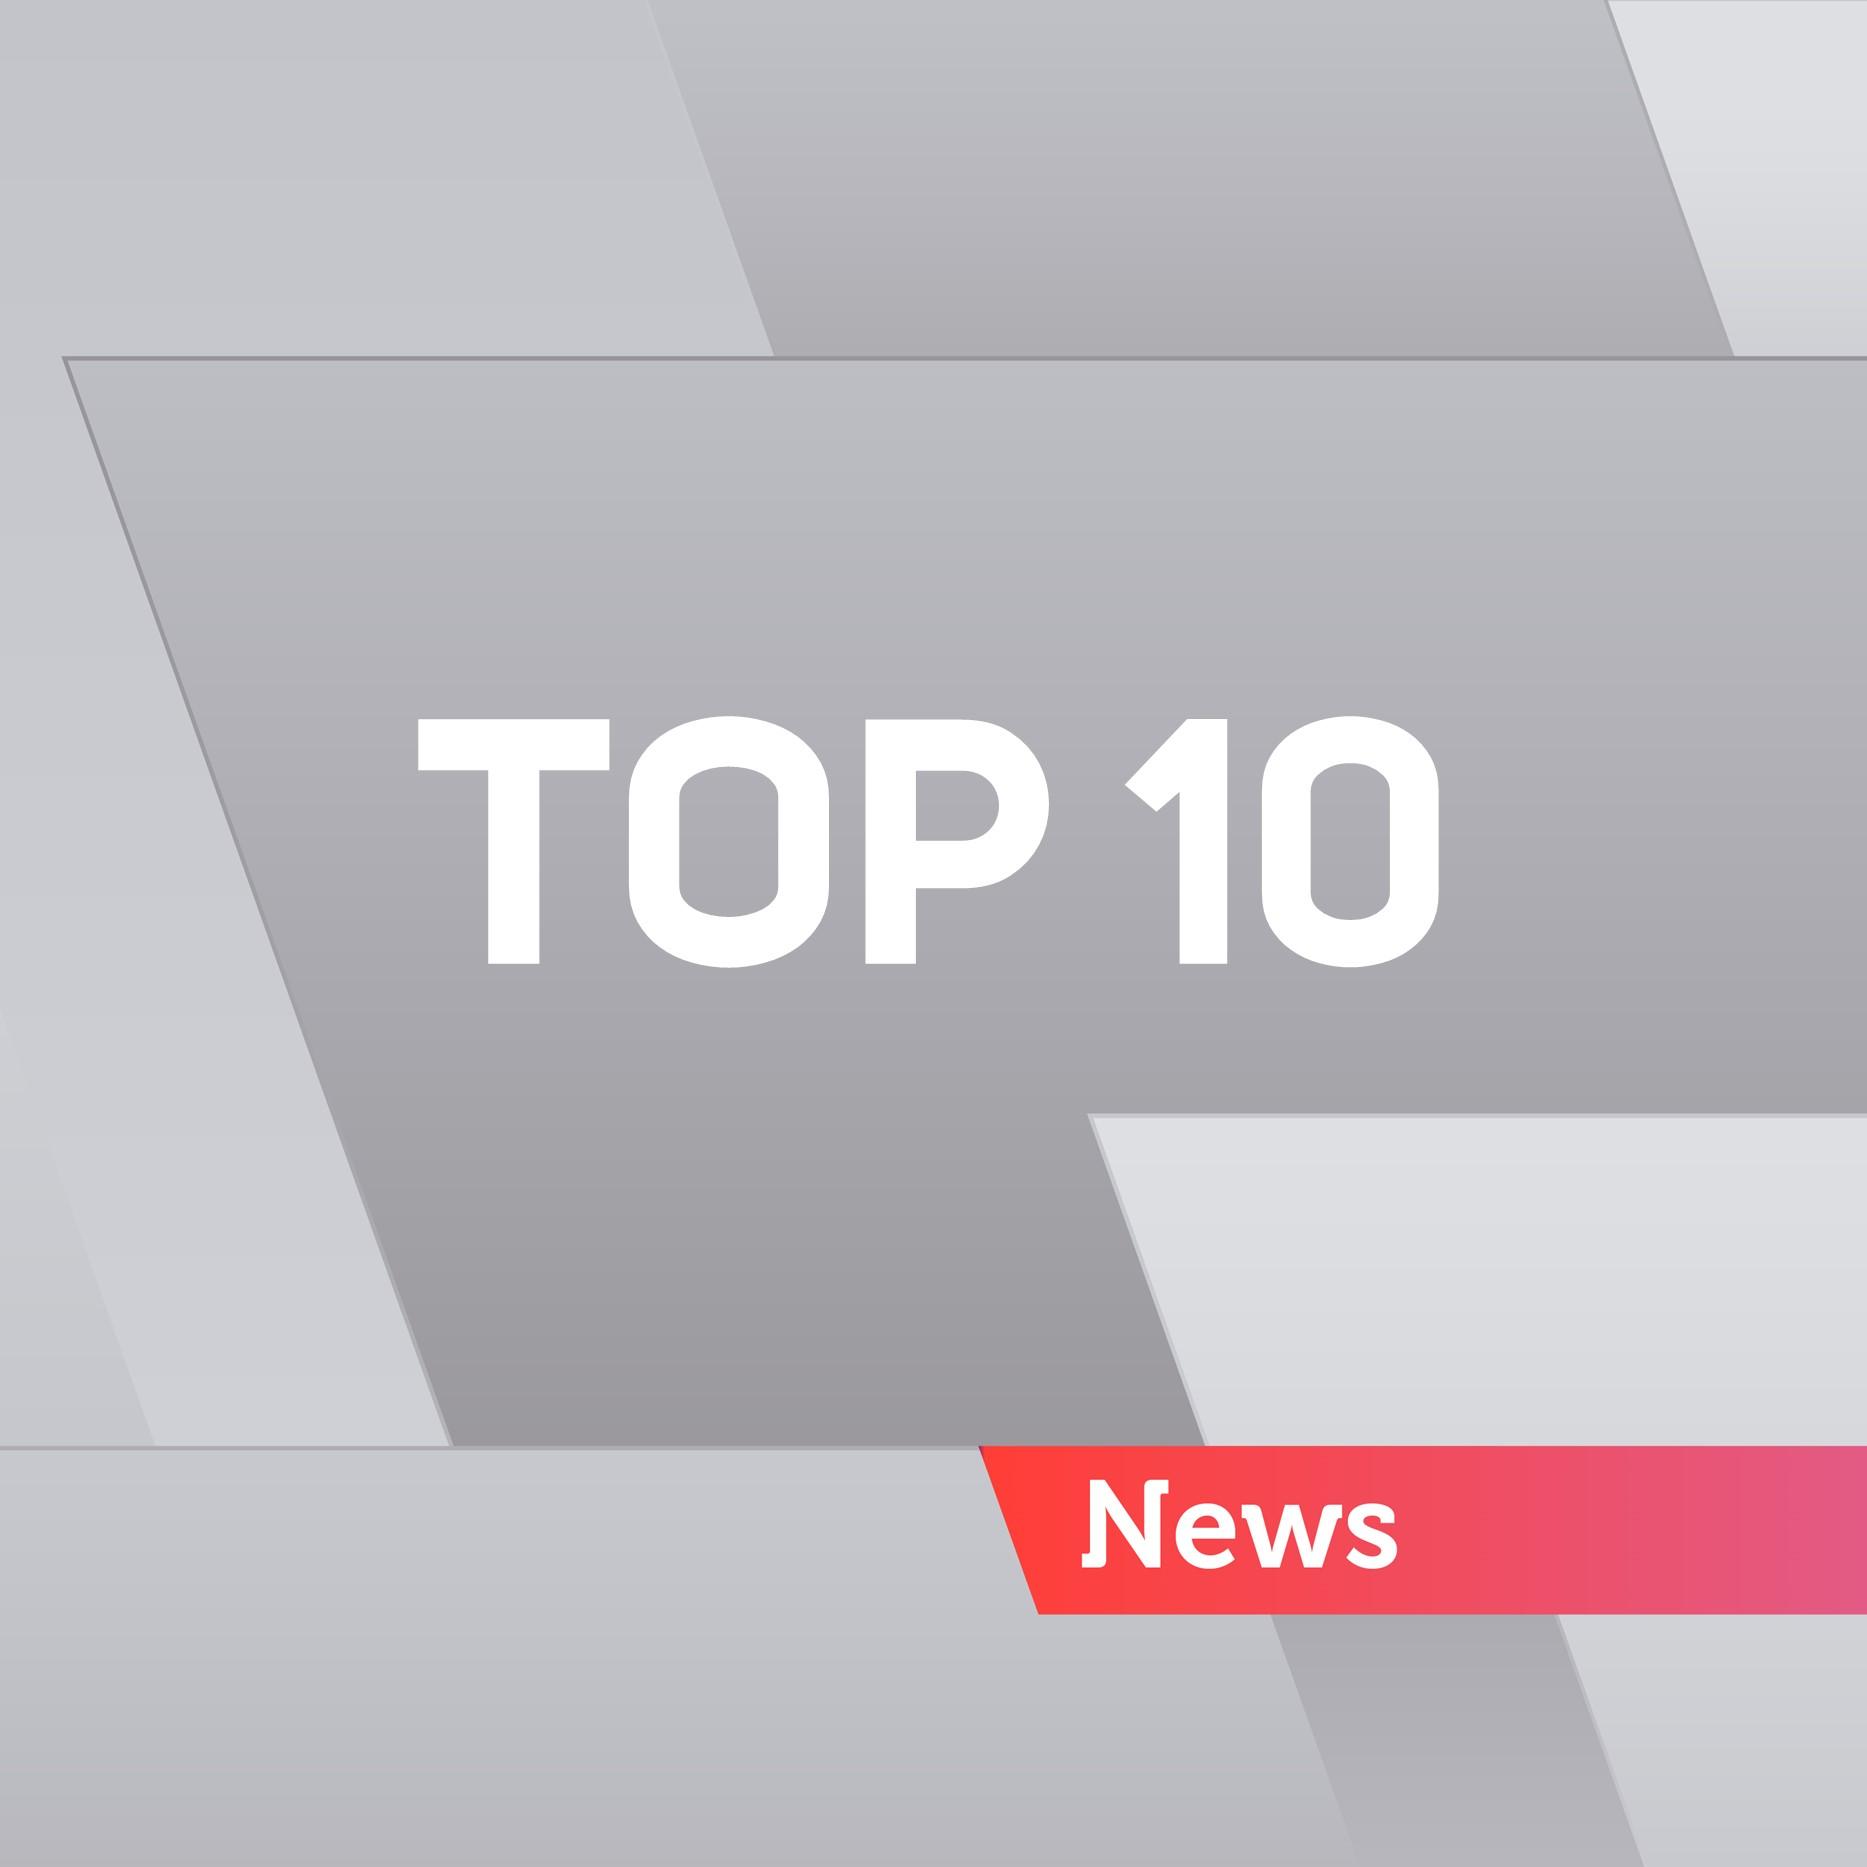 Top10: Resumo das principais notícias da manhã – 21/08/2017